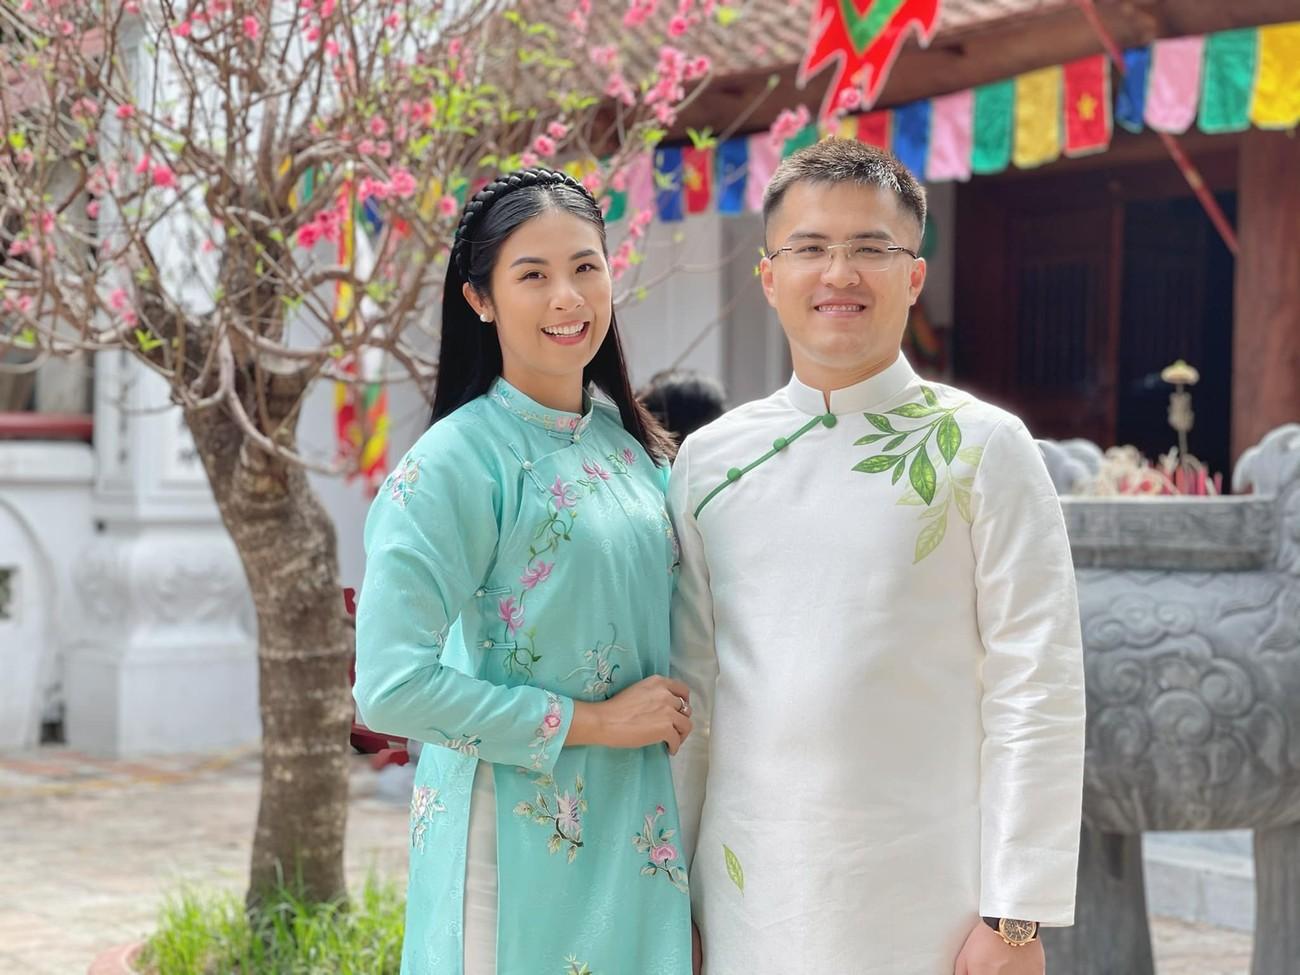 Hoa hậu Tiểu Vy khoe ảnh mẹ diện áo dài ngày mùng 1 Tết, fans trầm trồ vì nhan sắc trẻ đẹp ảnh 6